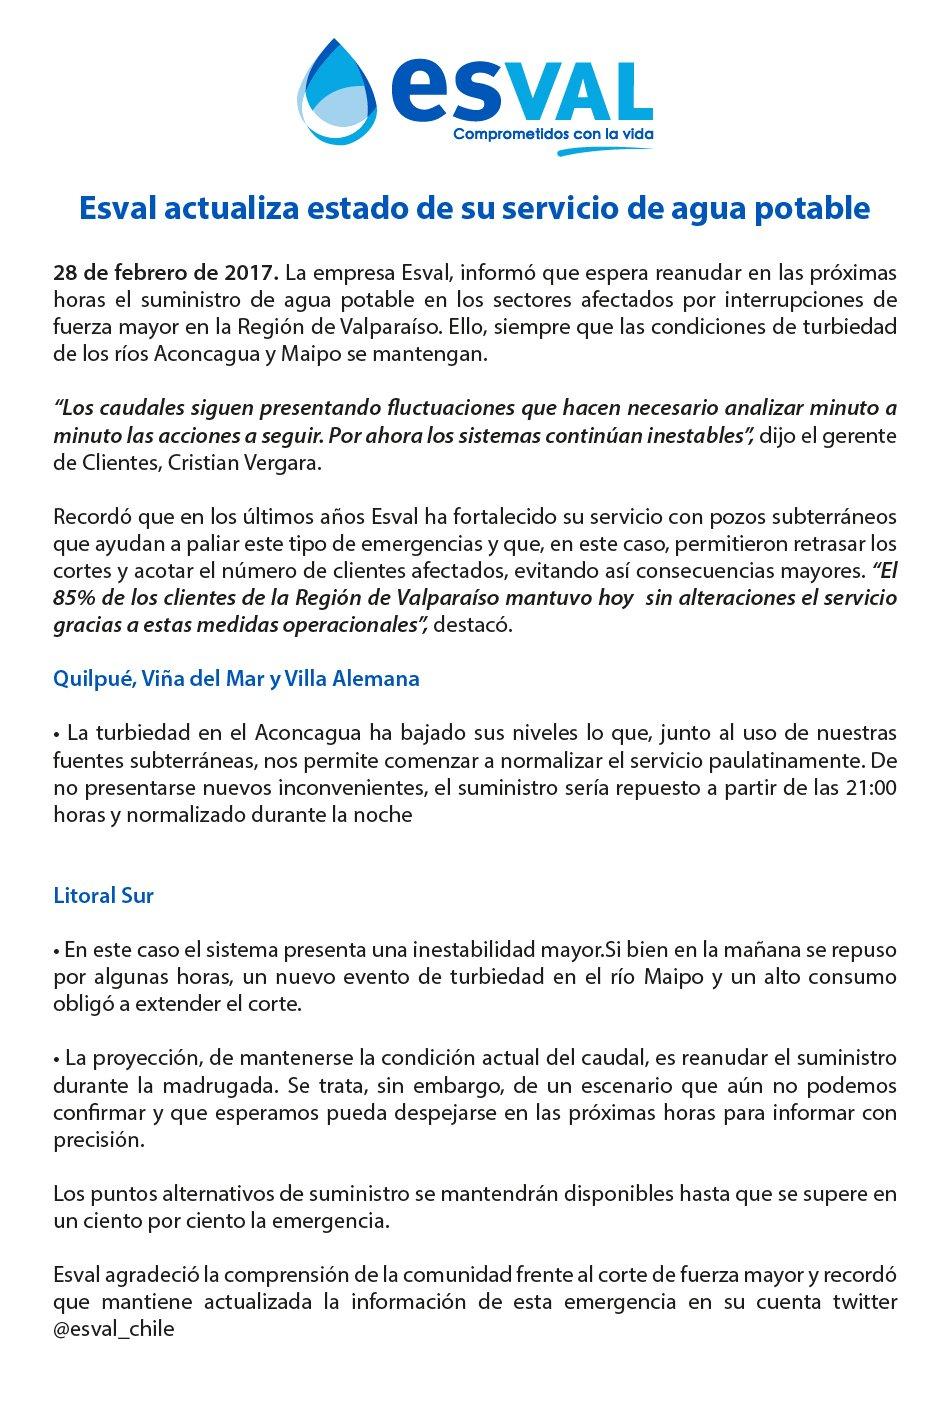 Esval repondrá servicio de agua en Valparaíso siempre que ríos ...